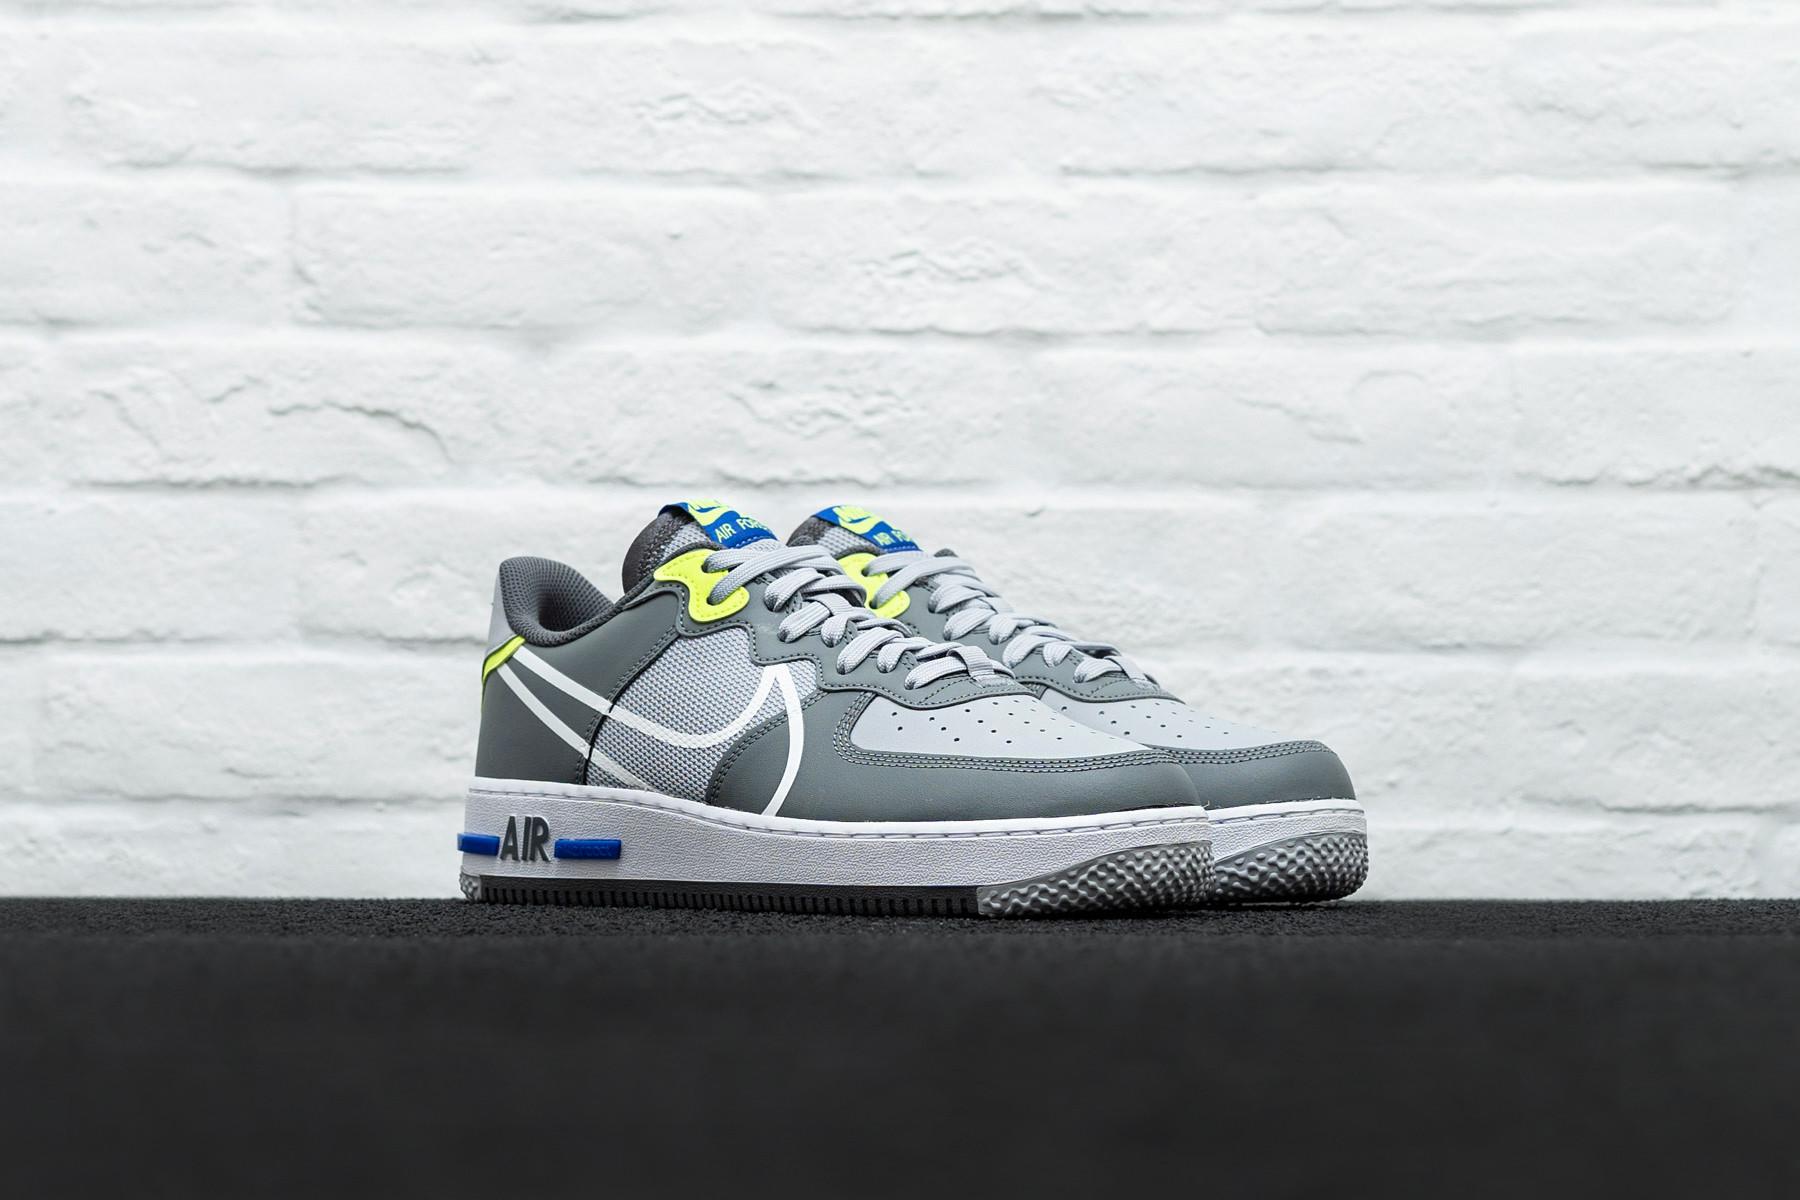 Nike Air Force 1 Type  Nyheter fra Nike finner du hos SKILLS